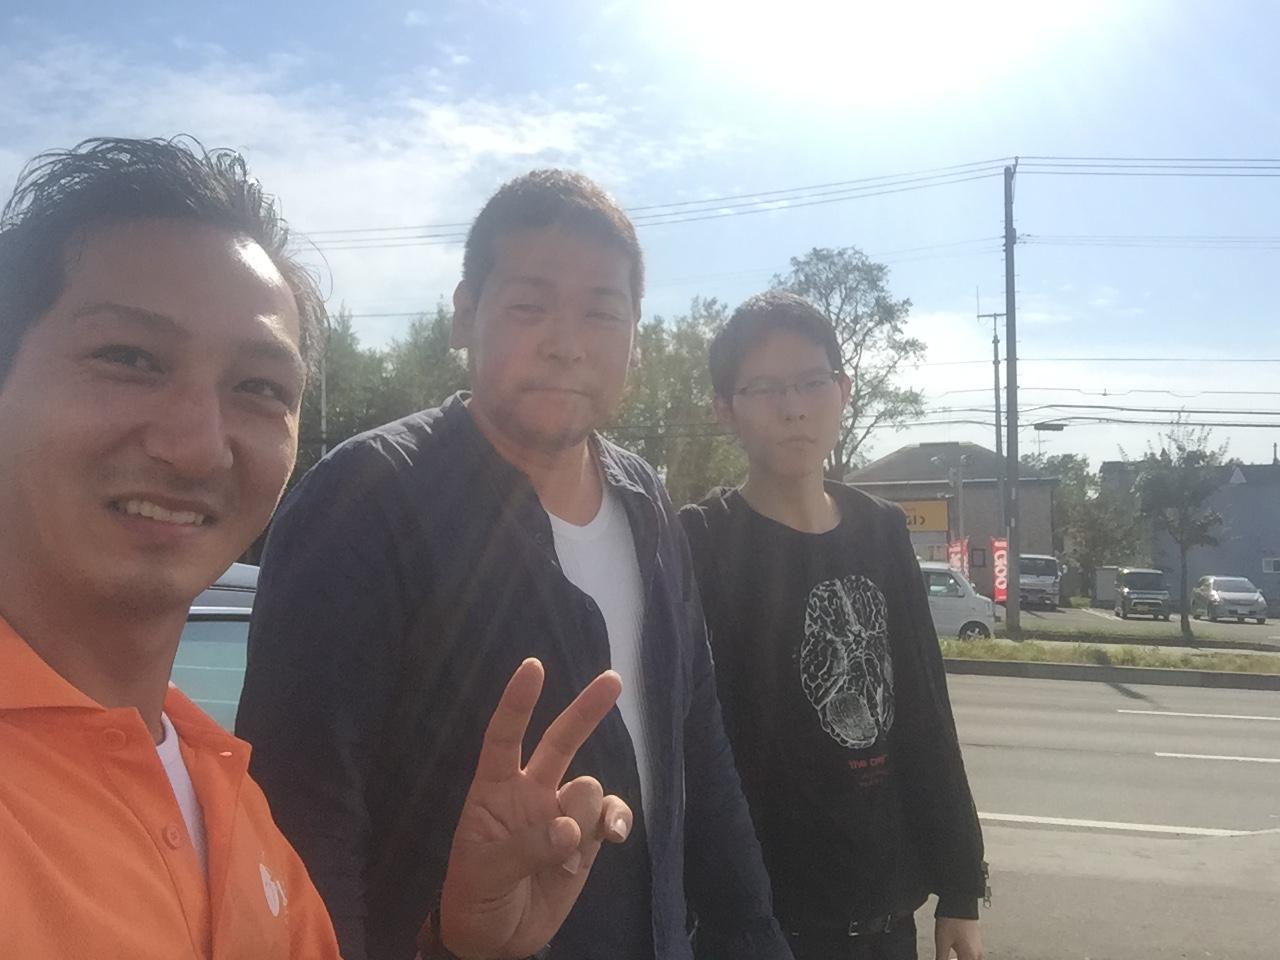 10月2日(日) 日曜日のまさブロヽ(^o^)丿 トミーベース開店間近♫TOMMY _b0127002_173826.jpg